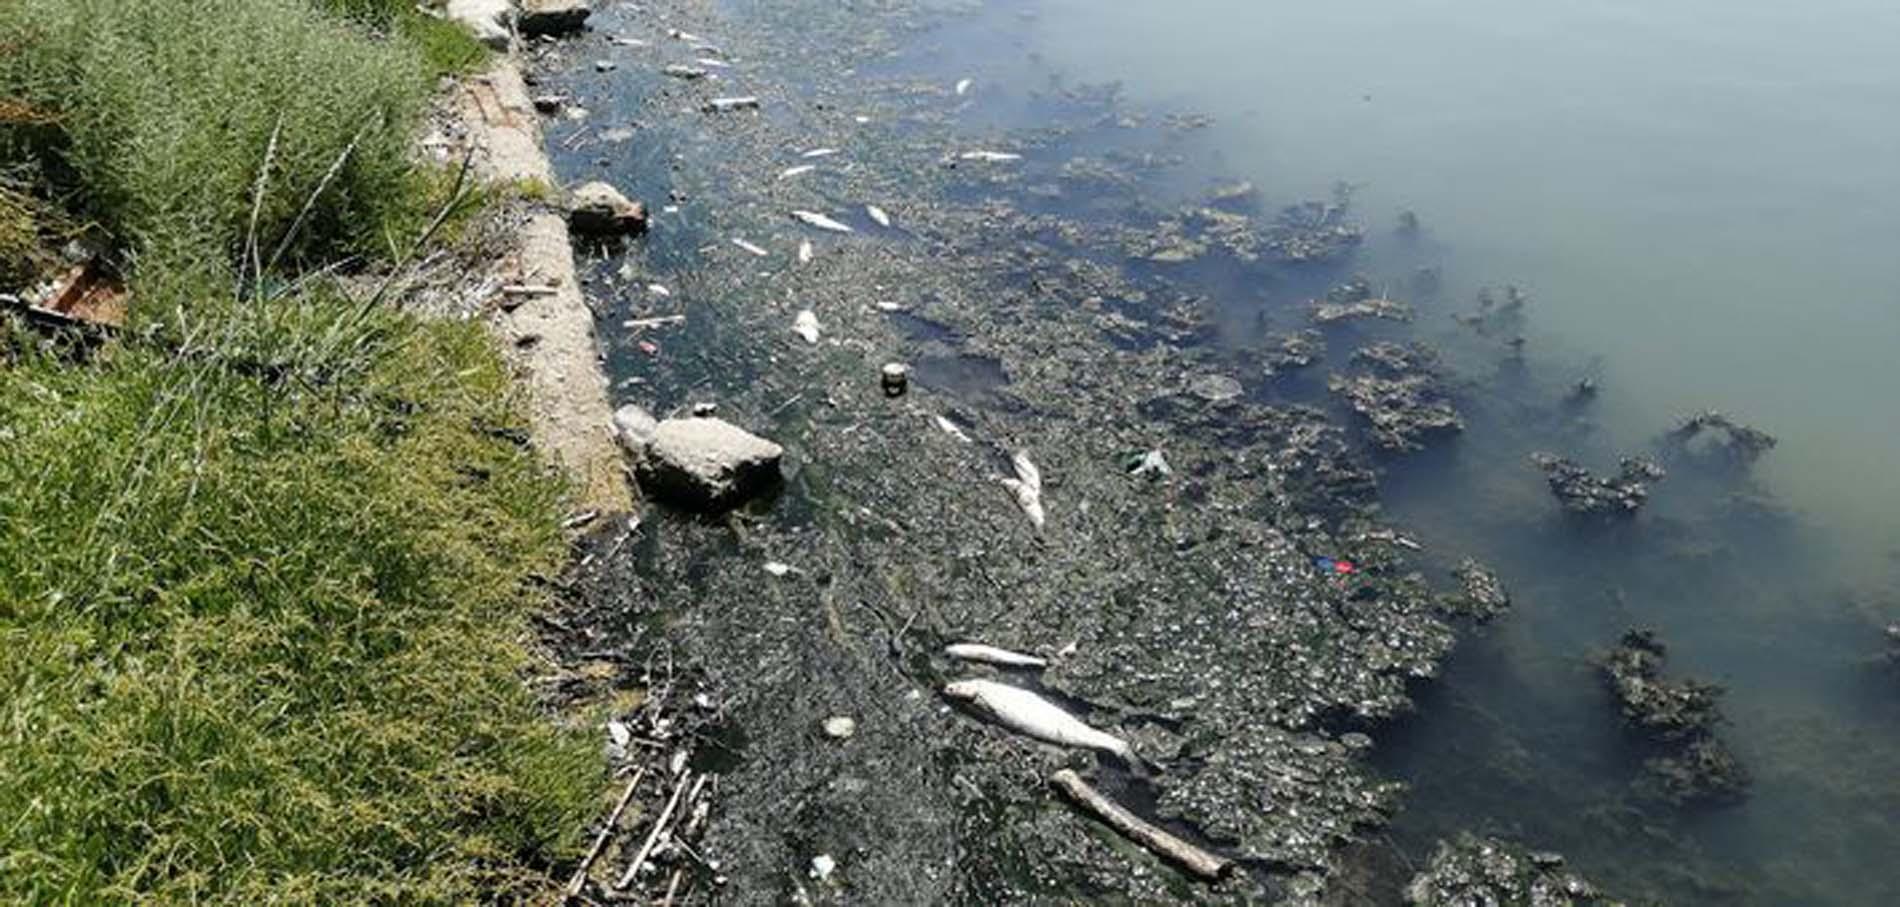 AK Parti İstanbul İl Başkanı Kabaktepe'den İBB'ye sert eleşti: İstanbul 2 yıldır büyük çaplı ekolojik felaketler yaşıyor